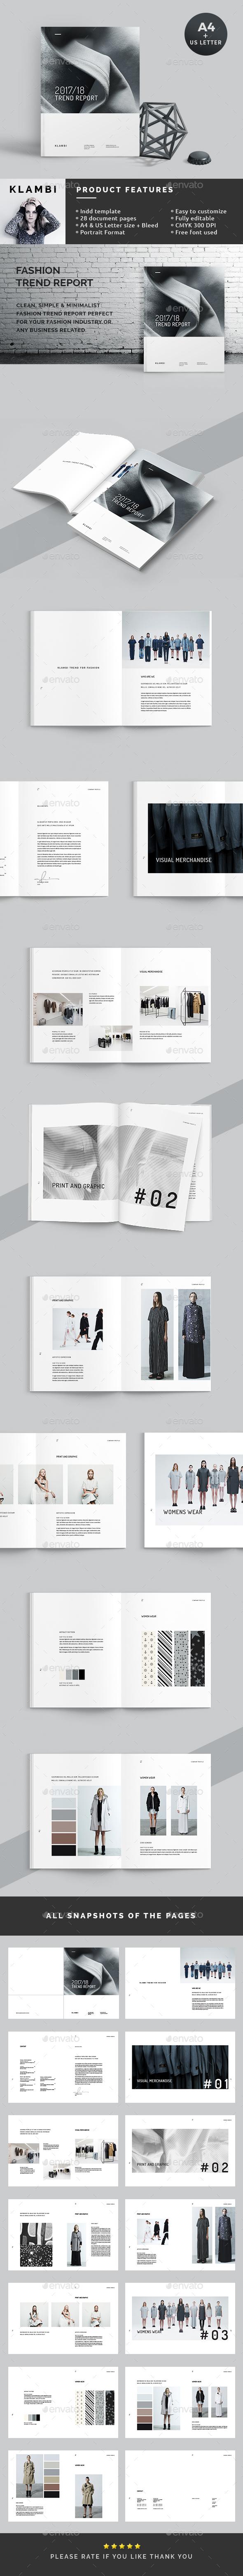 Trend Report - Informational Brochures